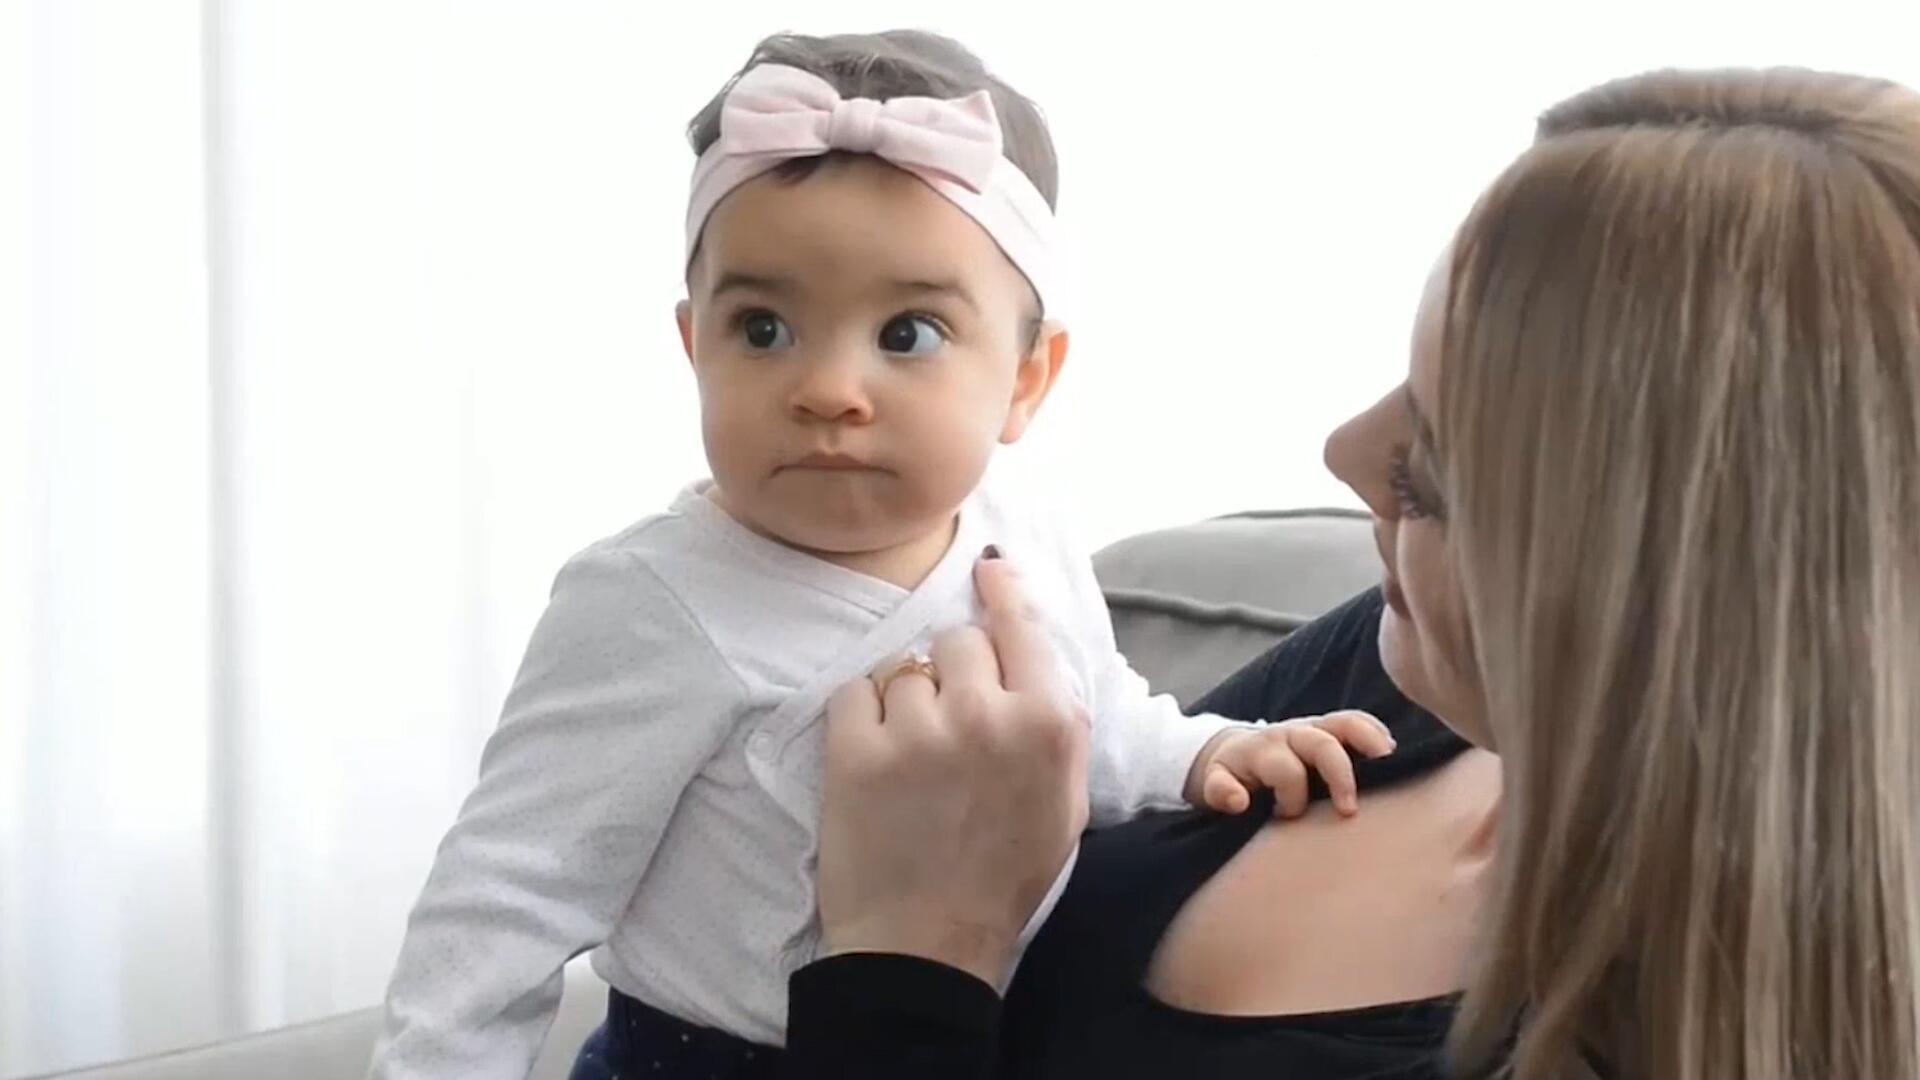 Bild zu Mutter lässt sich Brüste vergrössern - um ihr Kind stillen zu können